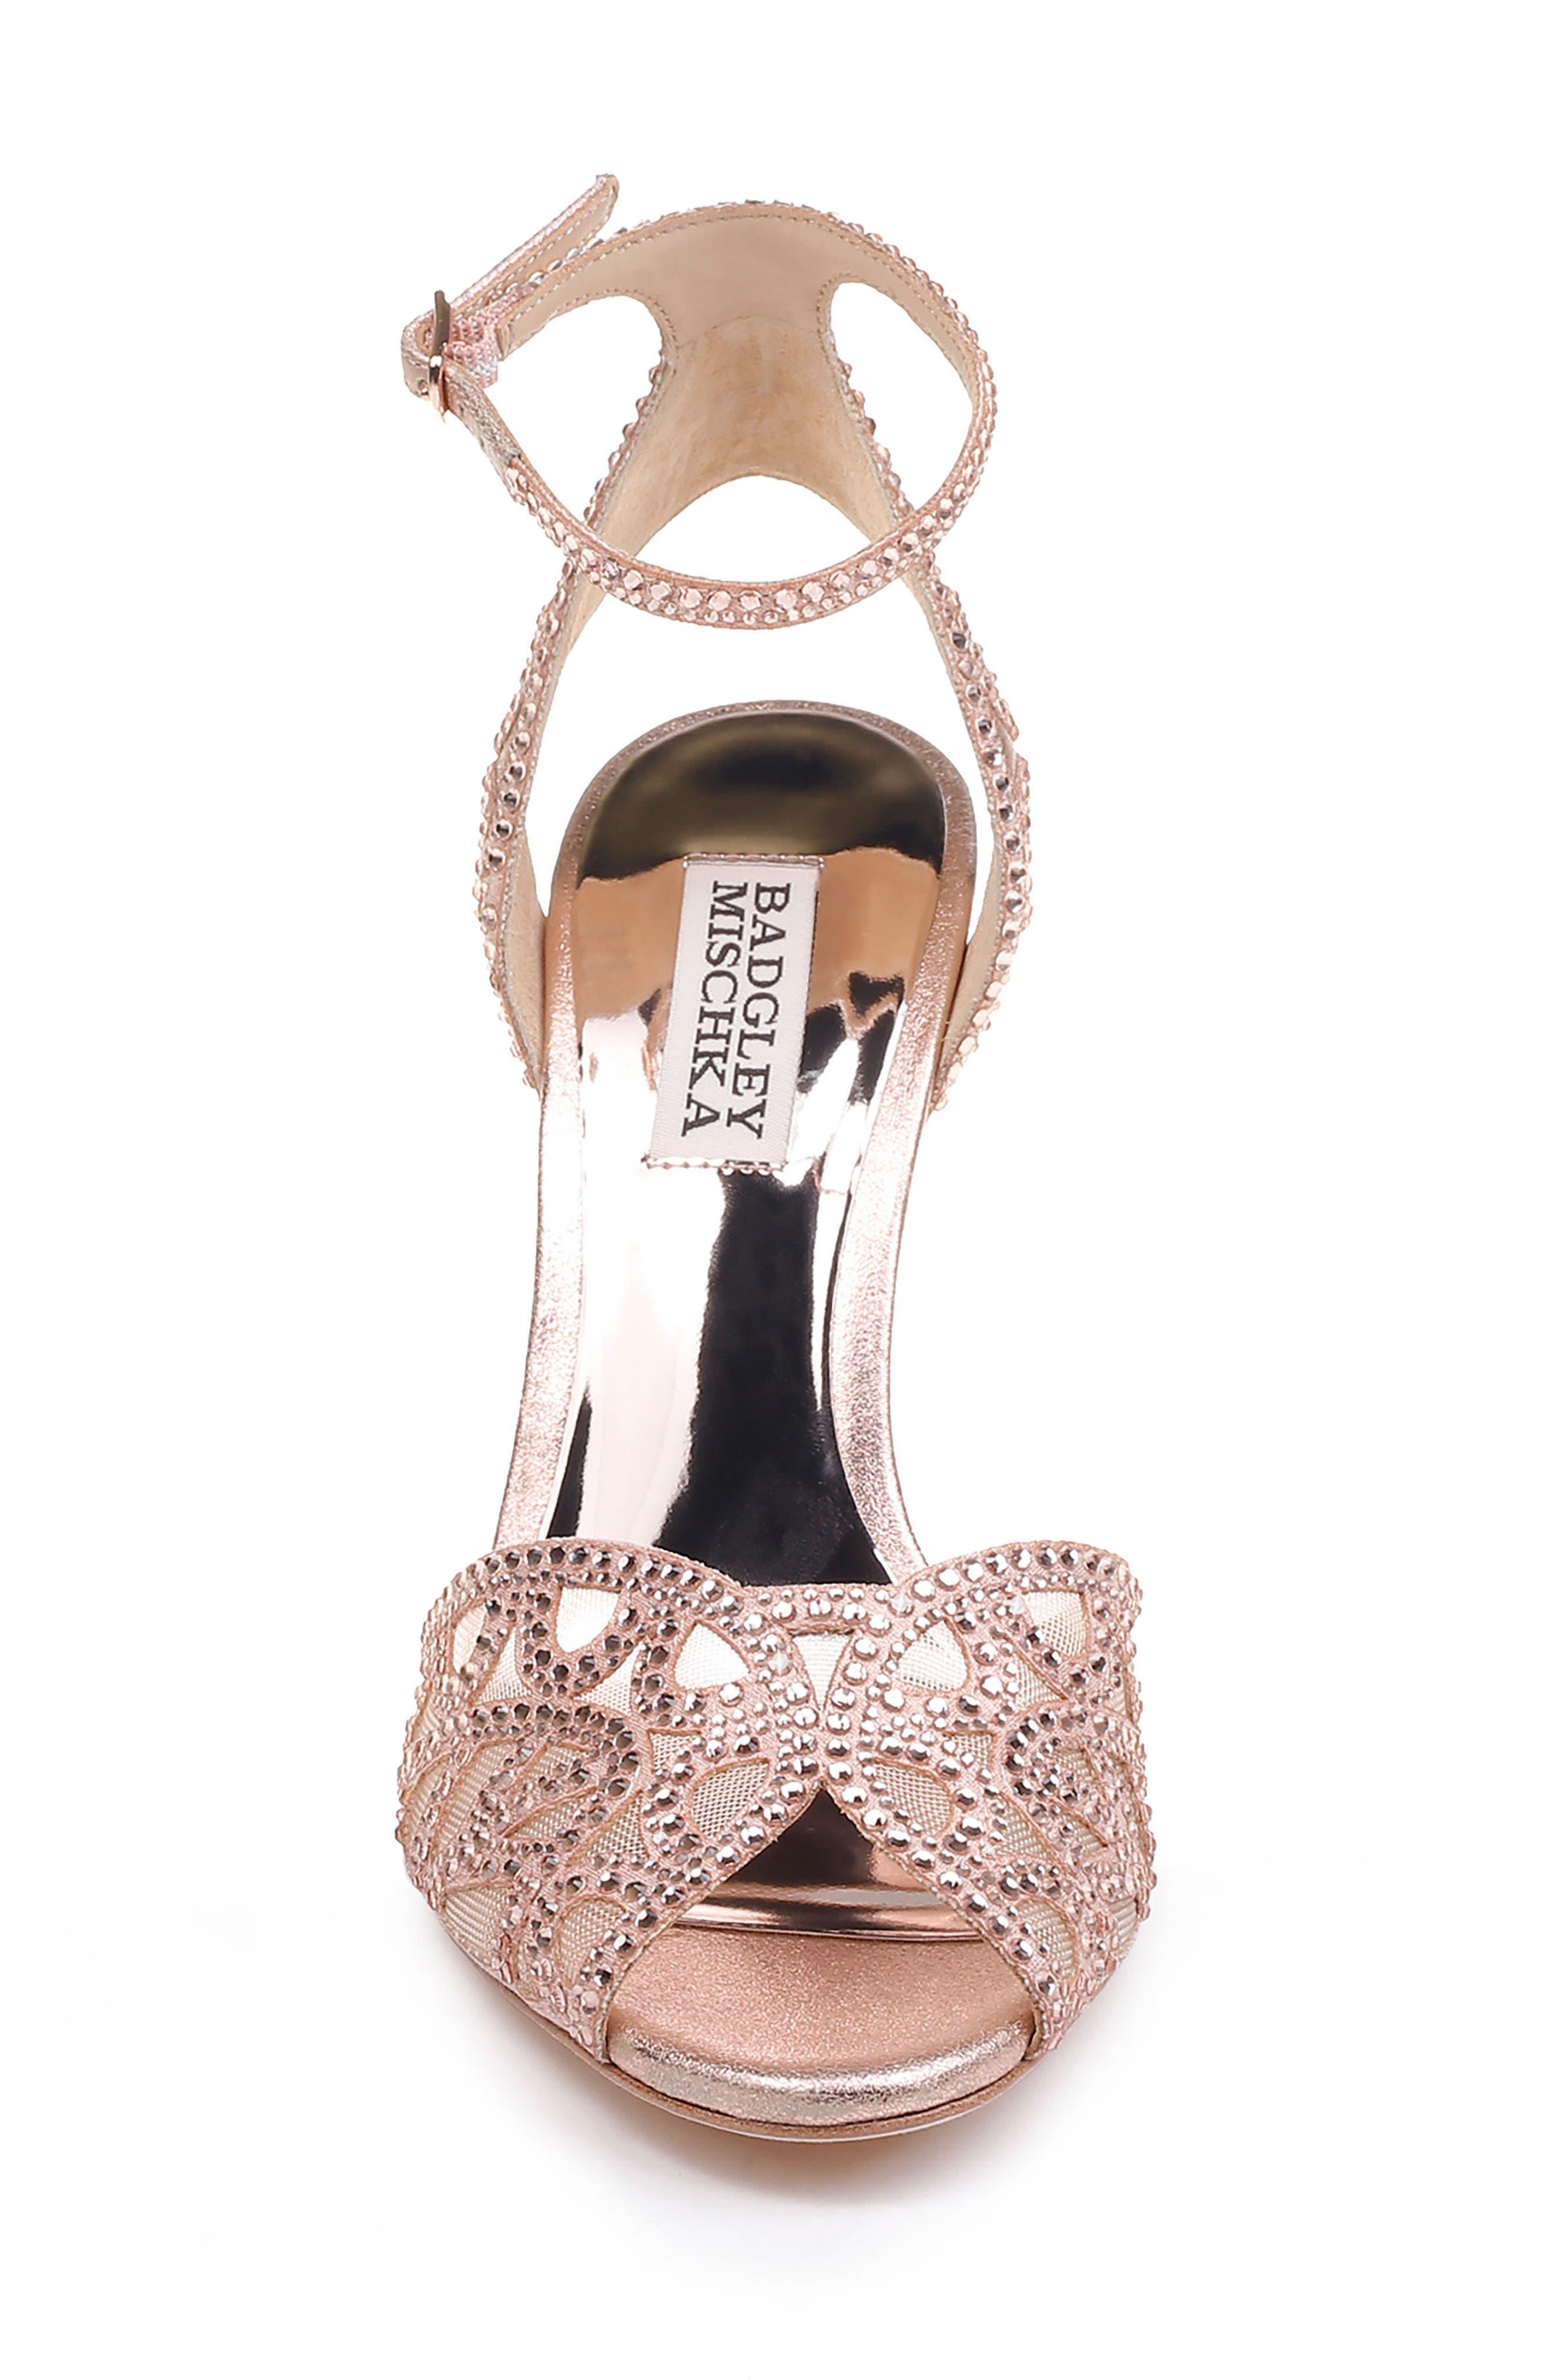 Hart Crystal Embellished Sandal,                             Alternate thumbnail 4, color,                             ROSE GOLD METALLIC SUEDE